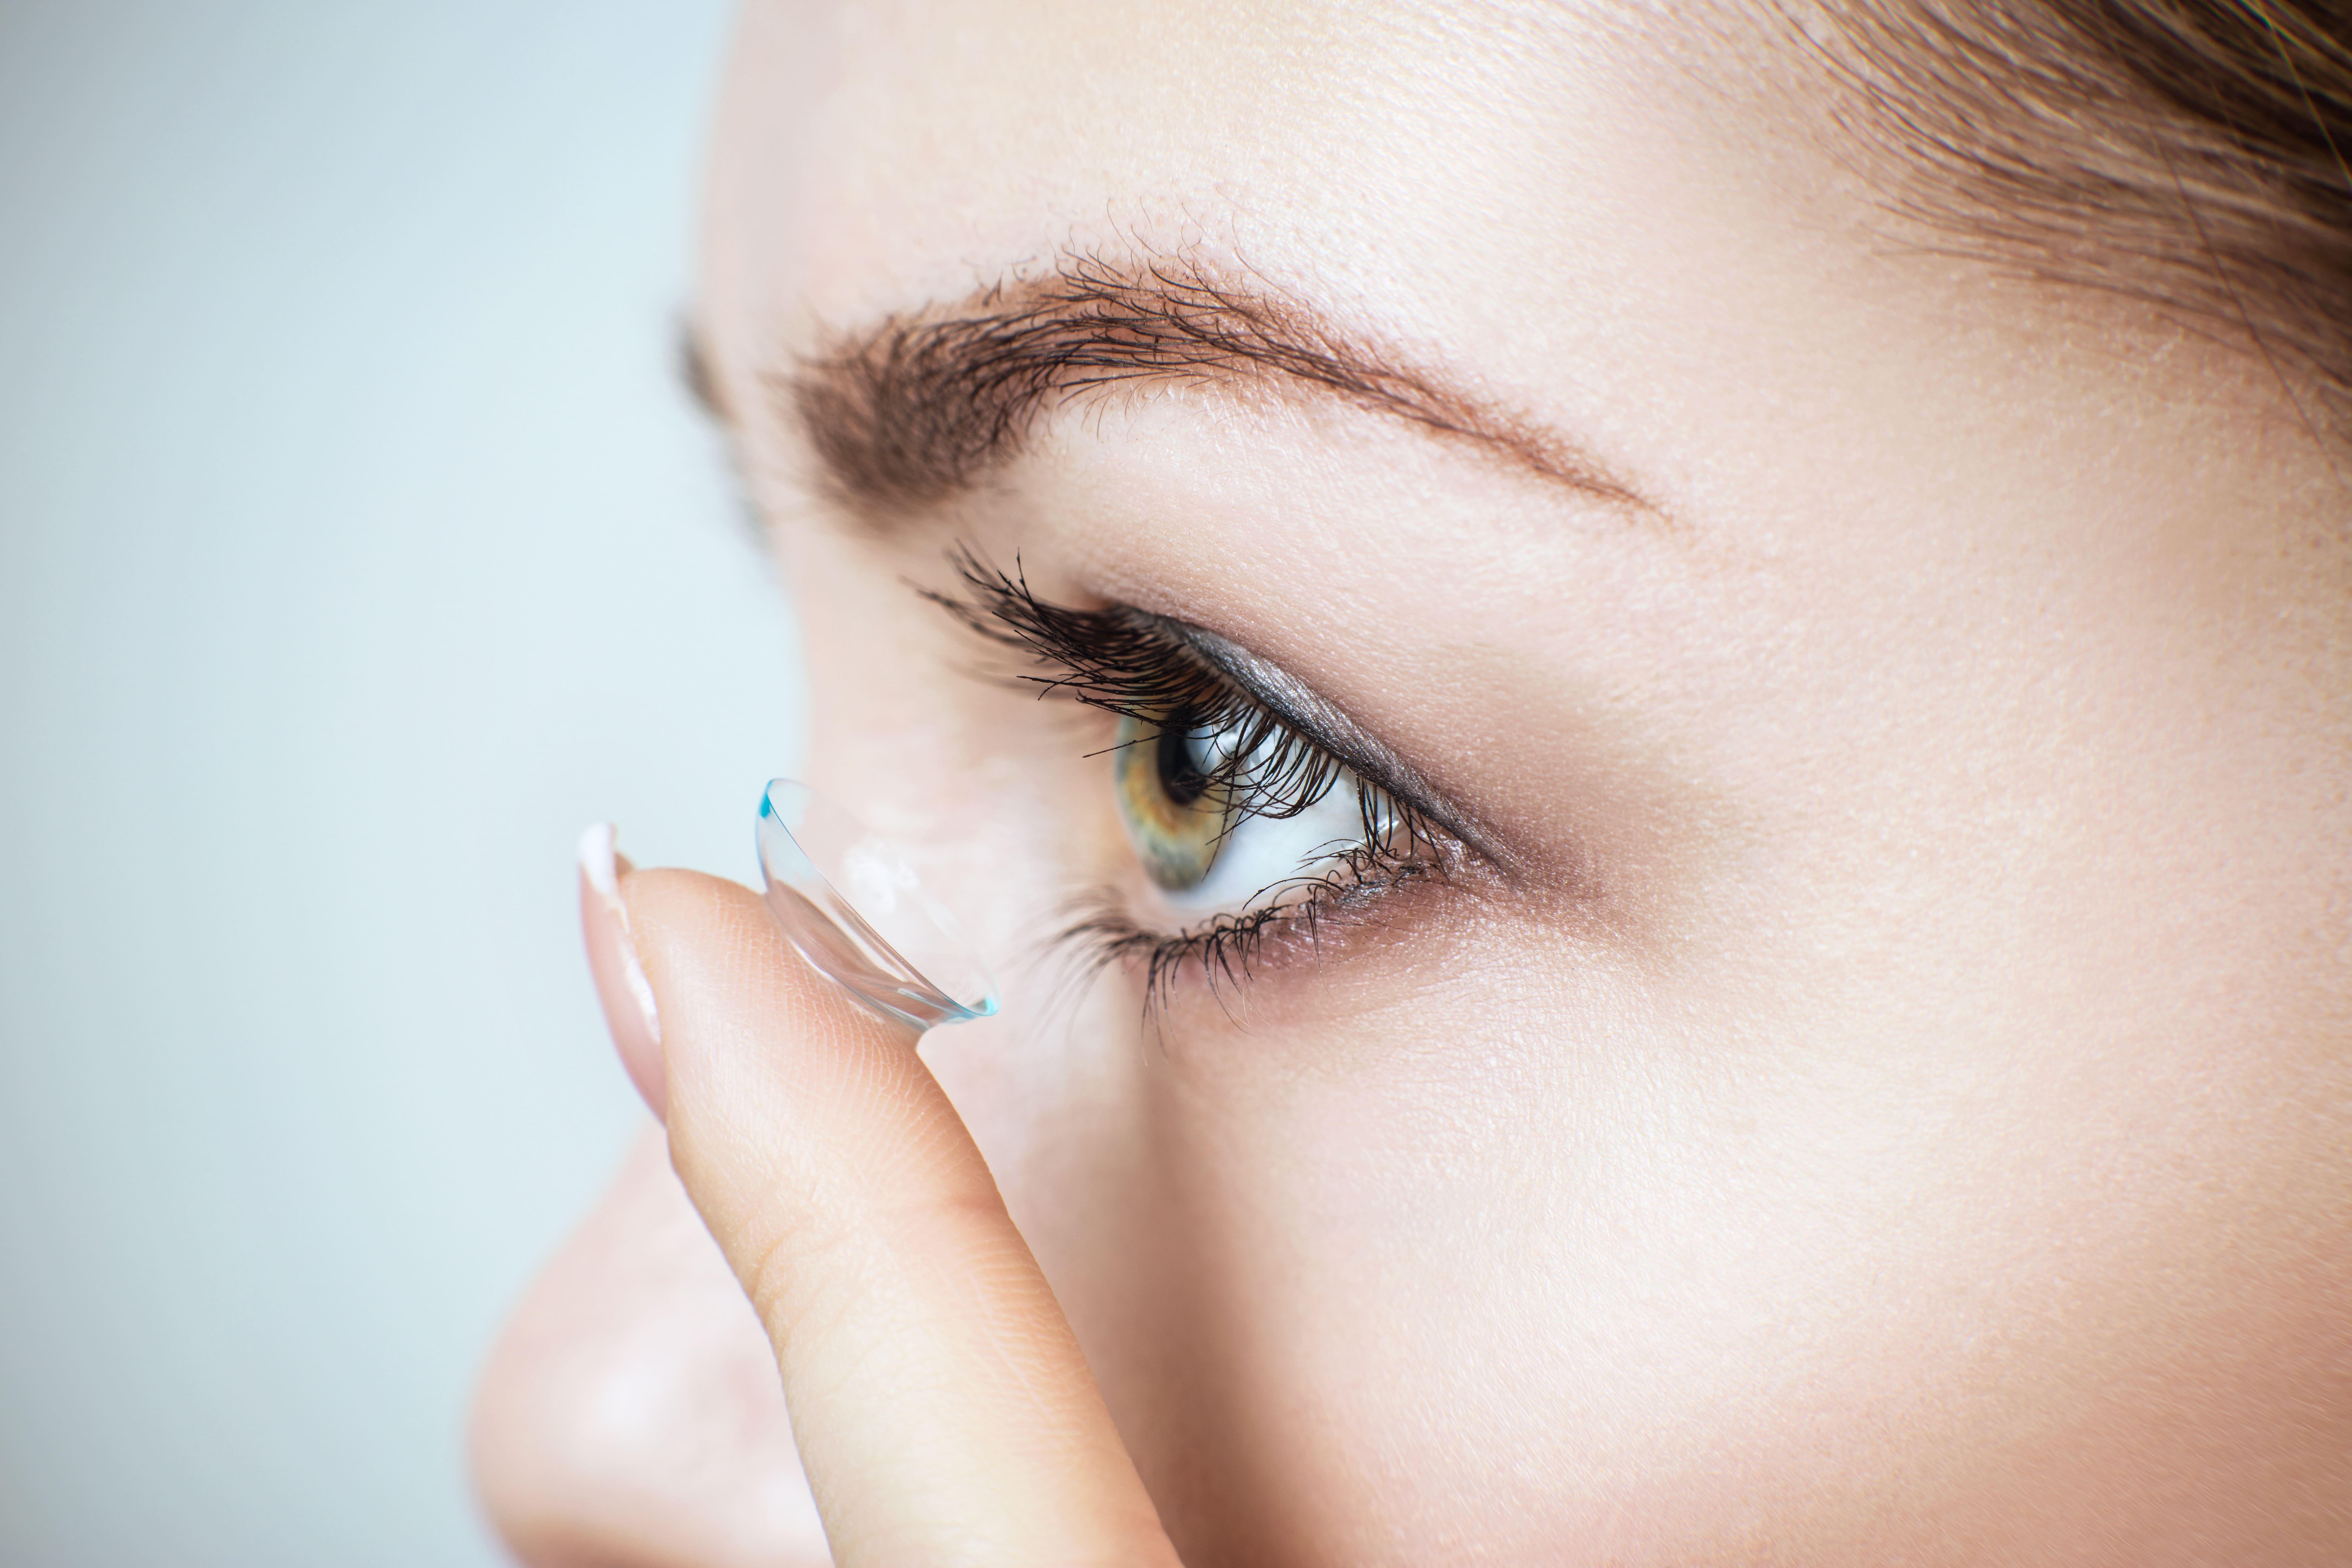 Luitpold Brillen, Optiker in Füssen, Kontaktlinsen Nahaufnahme